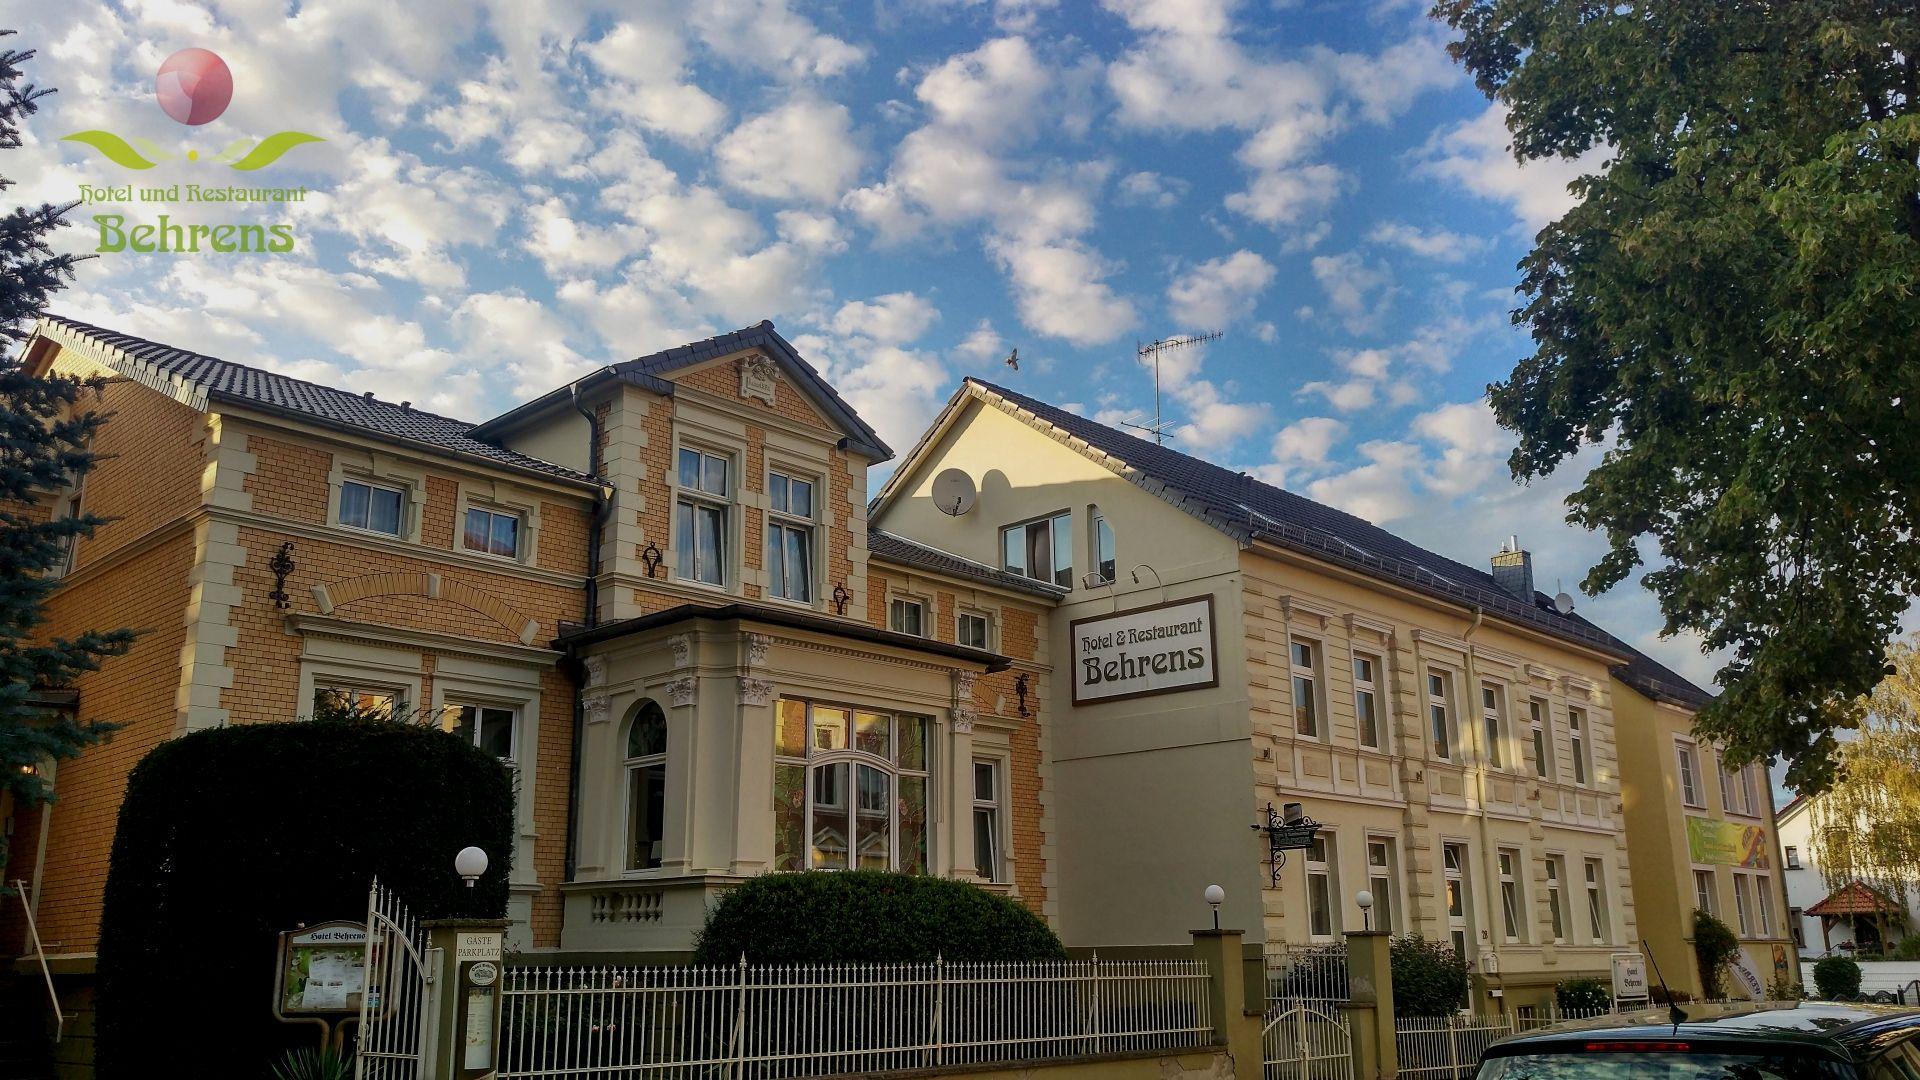 Behrens Hotel & Restaurant